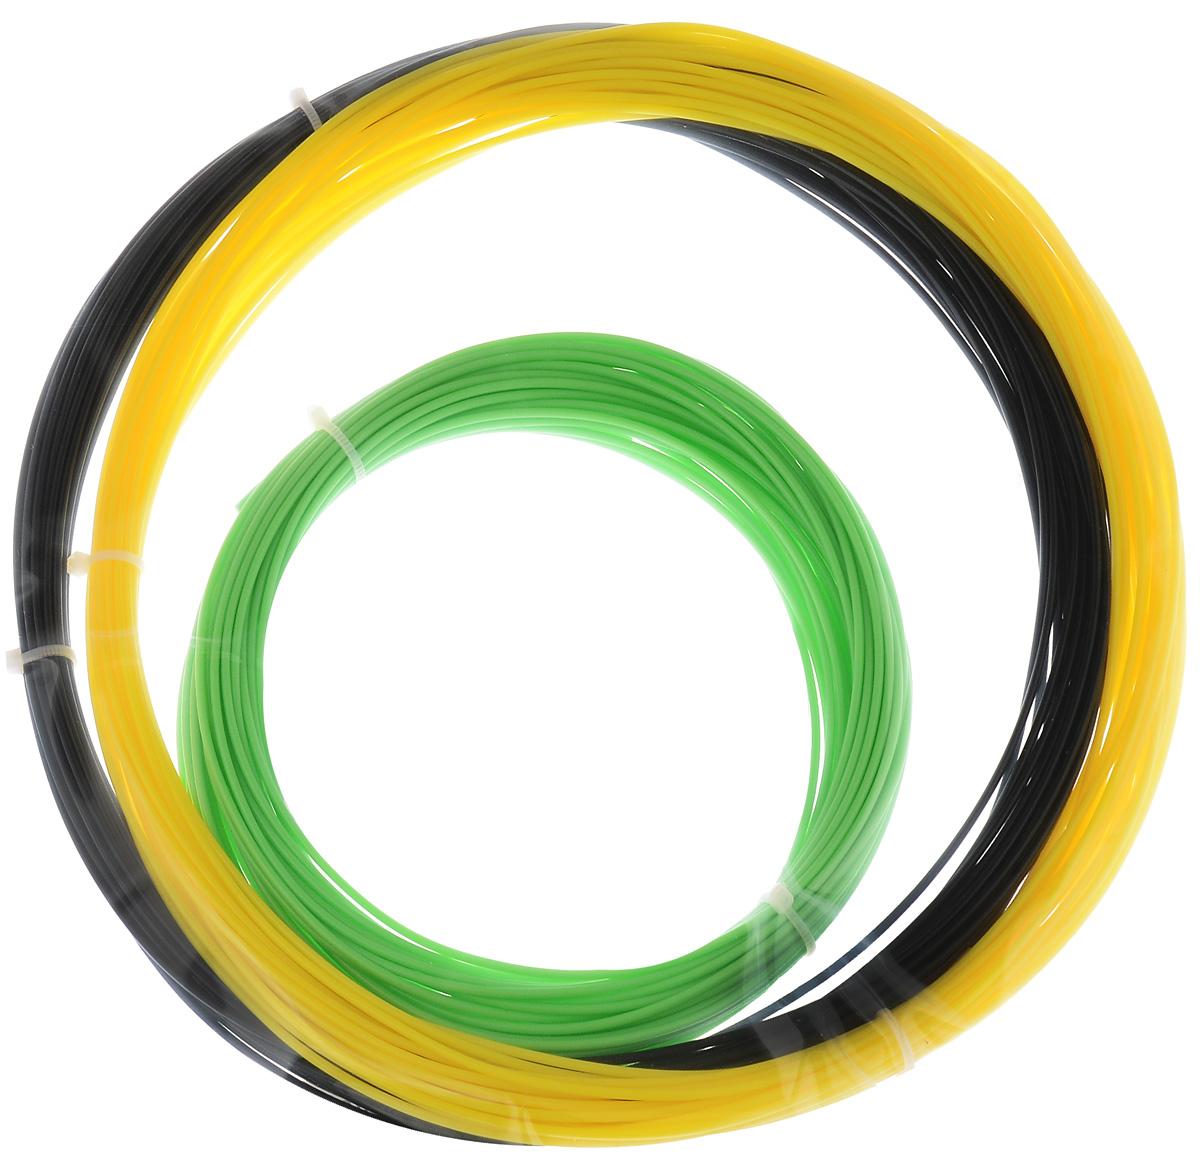 ESUN 3D Filament, Black Yellow Light Green комплект ABS-пластика, 10 мУТ000006725ESUN 3D Filament - комплект ABS-пластика для 3D печати, состоящий из трех цветов. Толщина пластика составляет 1,75 мм. Длина каждого мотка - 10 метров.